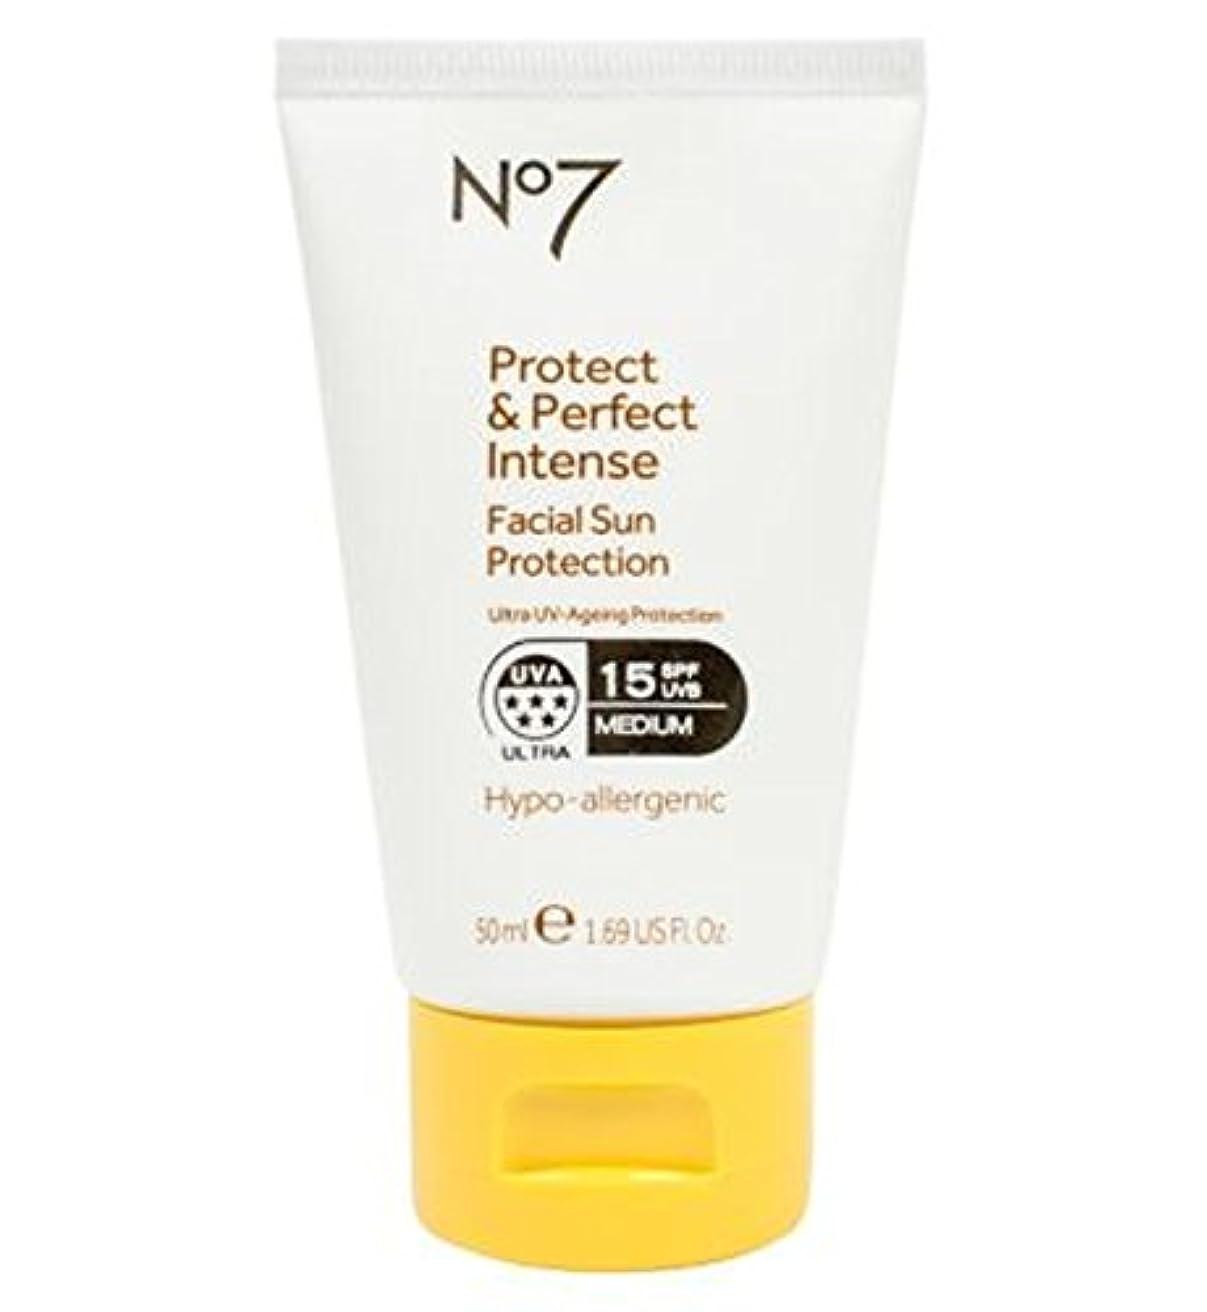 歩き回る怖がらせる四回No7 Protect & Perfect Intense Facial Sun Protection SPF 15 50ml - No7保護&完璧な強烈な顔の日焼け防止Spf 15 50ミリリットル (No7) [並行輸入品]